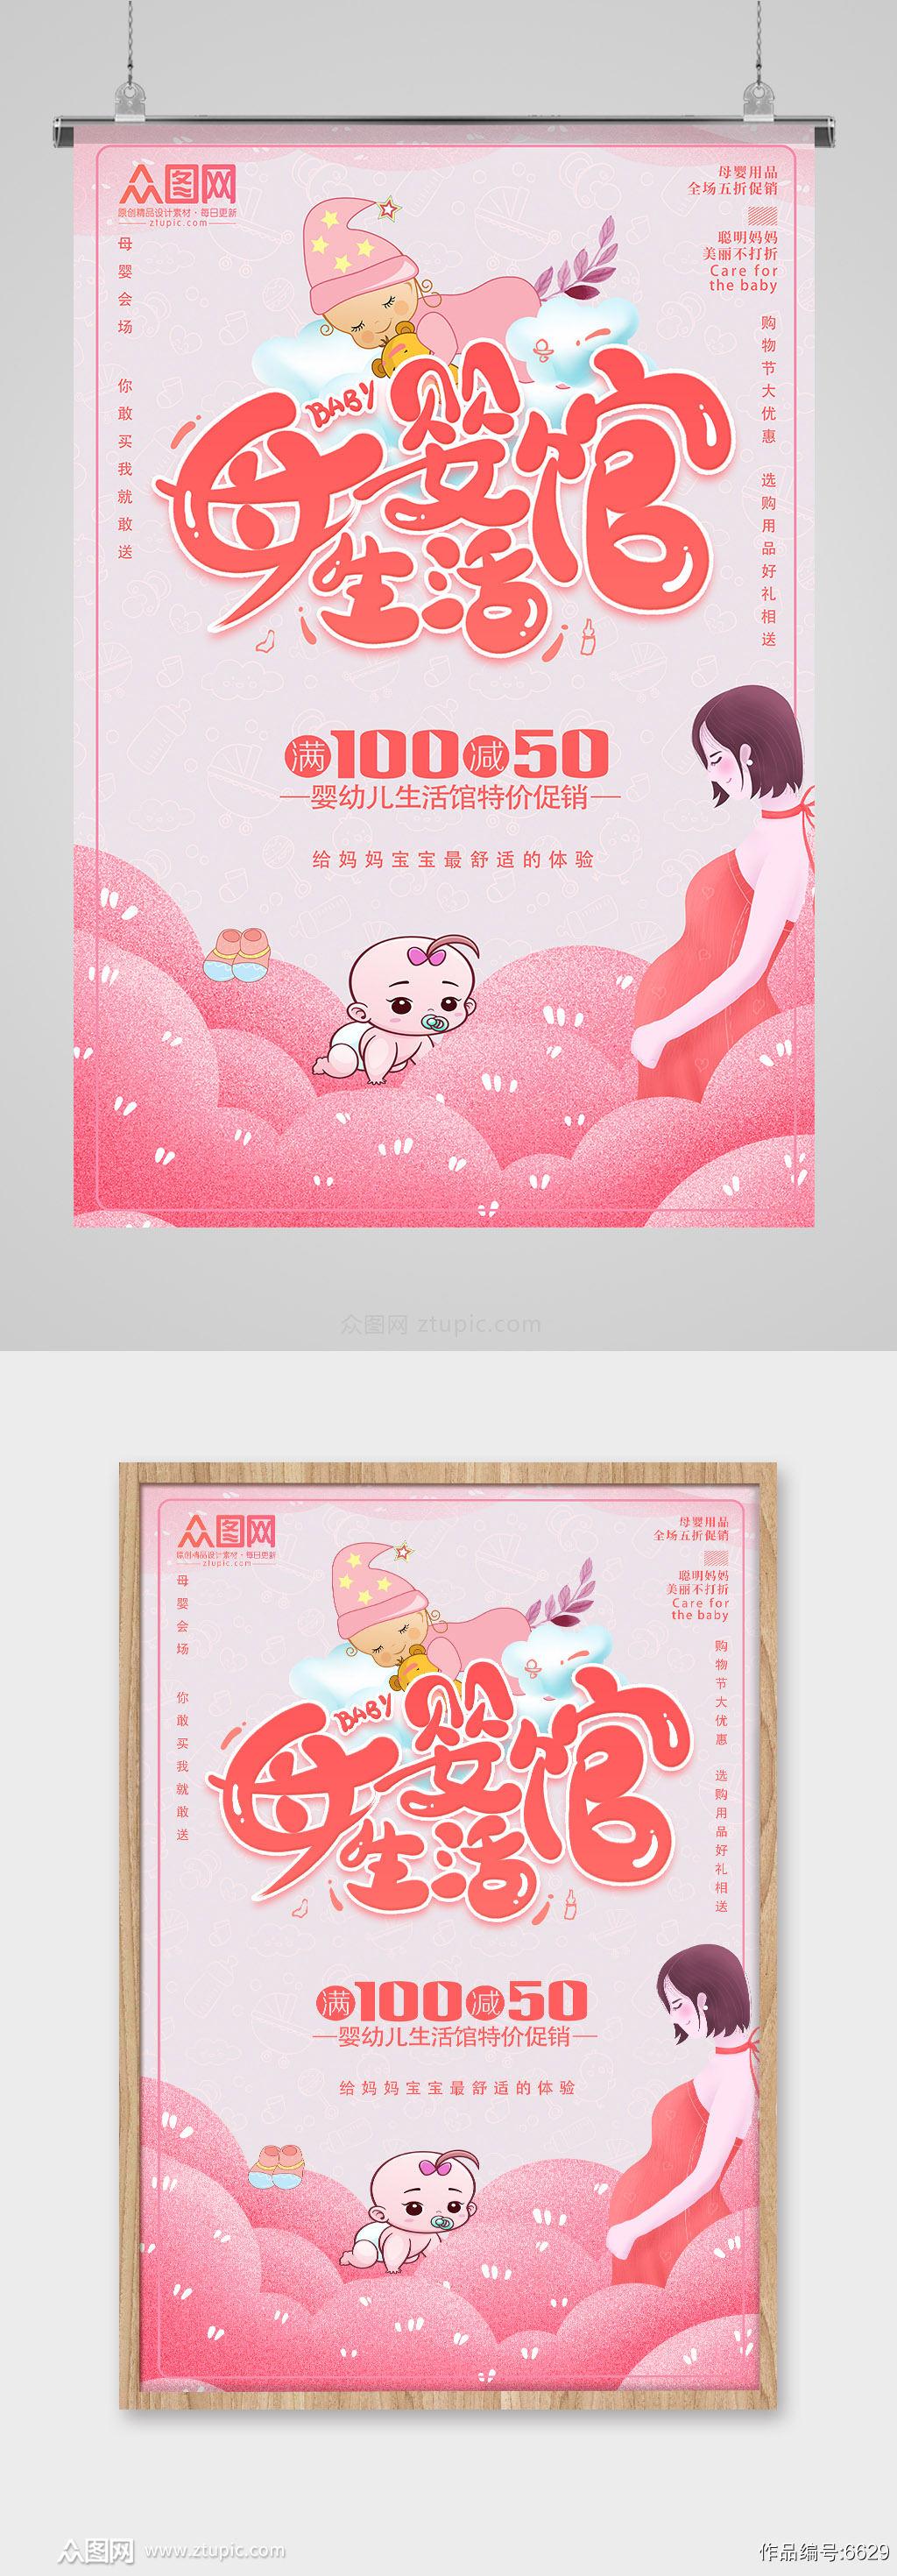 简约粉色卡通母婴用品海报海报素材